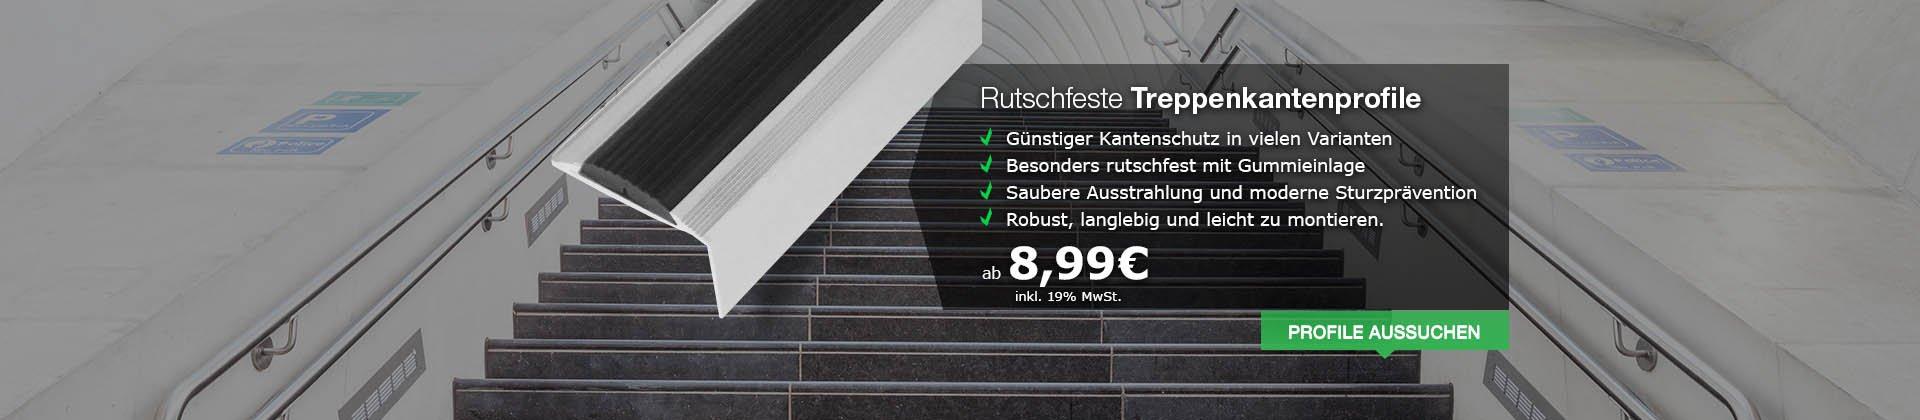 Rutschfeste Treppenkantenprofile aus Alu - Professioneller Knatenschutz für Ihre Treppe in verschiedenen Varianten